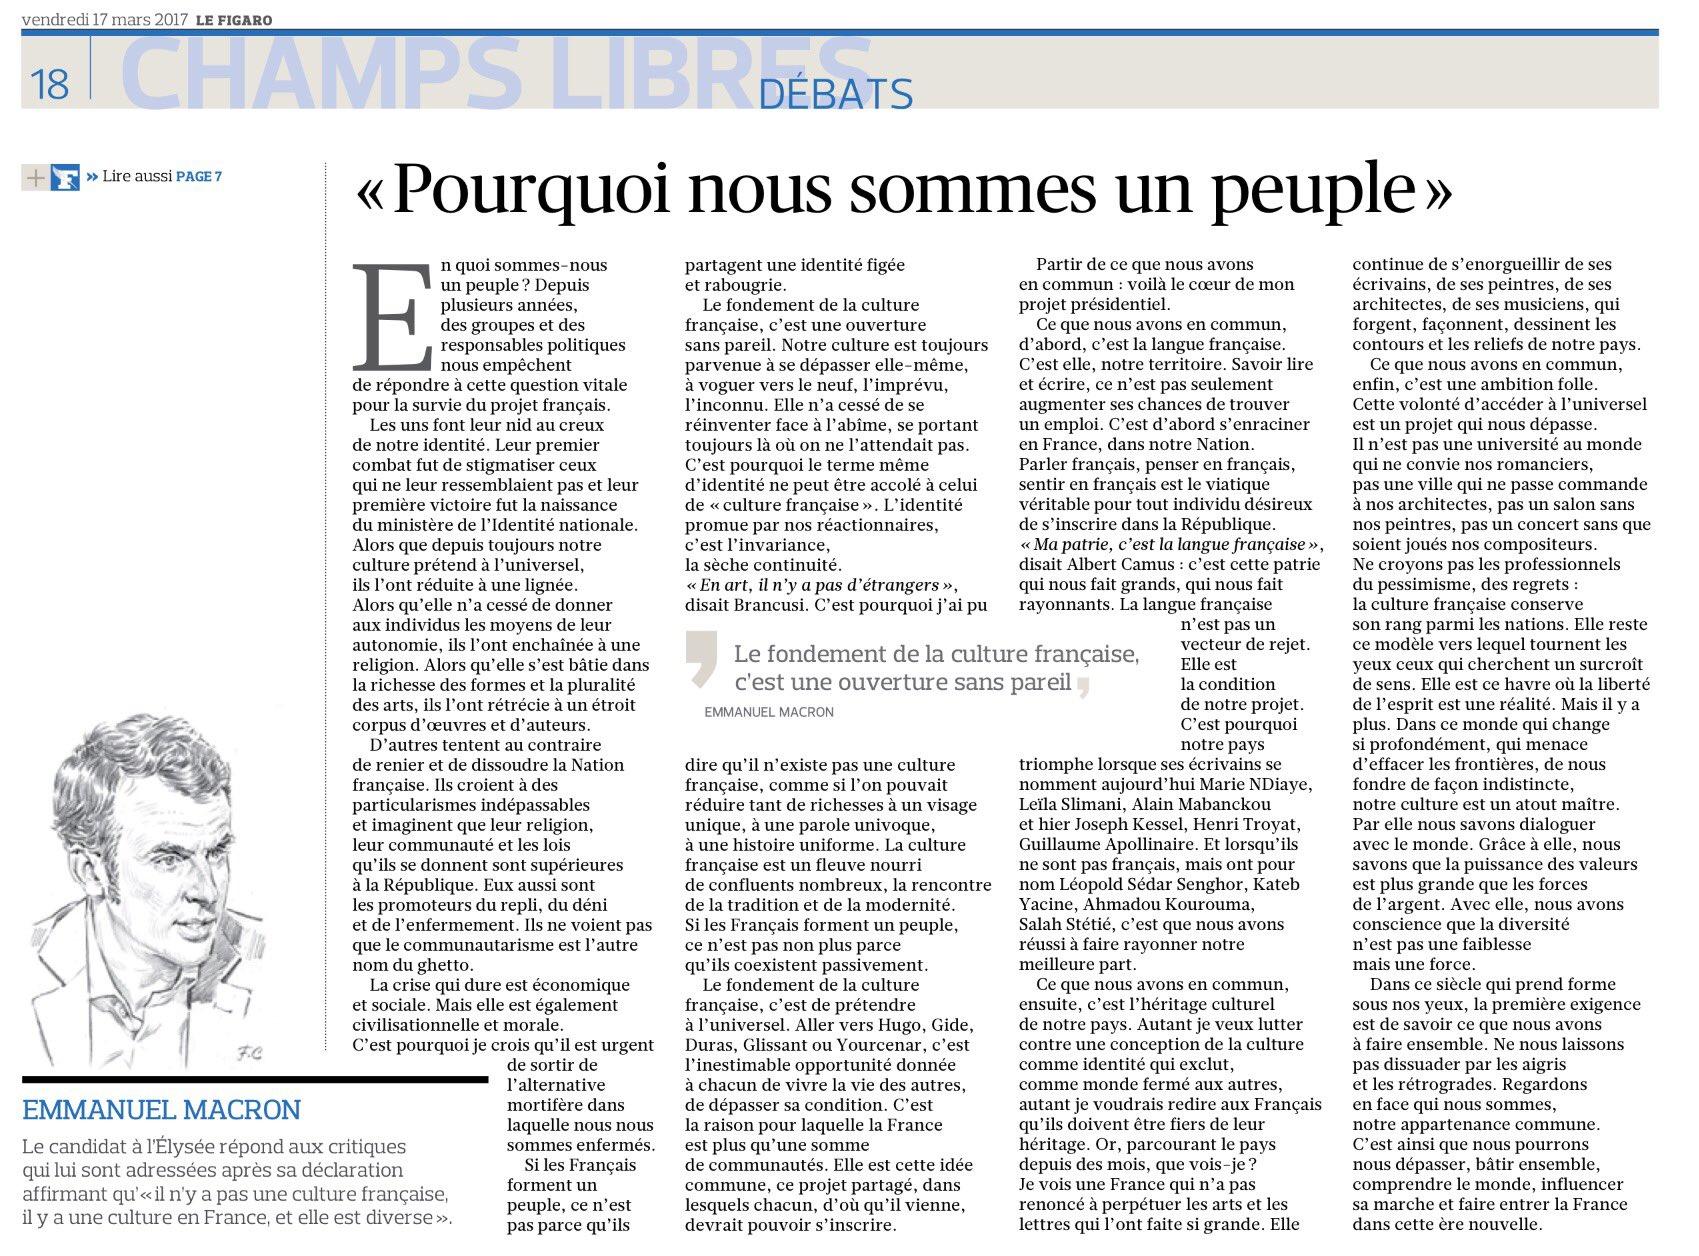 'Pourquoi nous sommes un peuple' (par @EmmanuelMacron, @enmarchefr) (v/@Le_Figaro) #Macron #EnMarche https://t.co/itEfPmMjhN